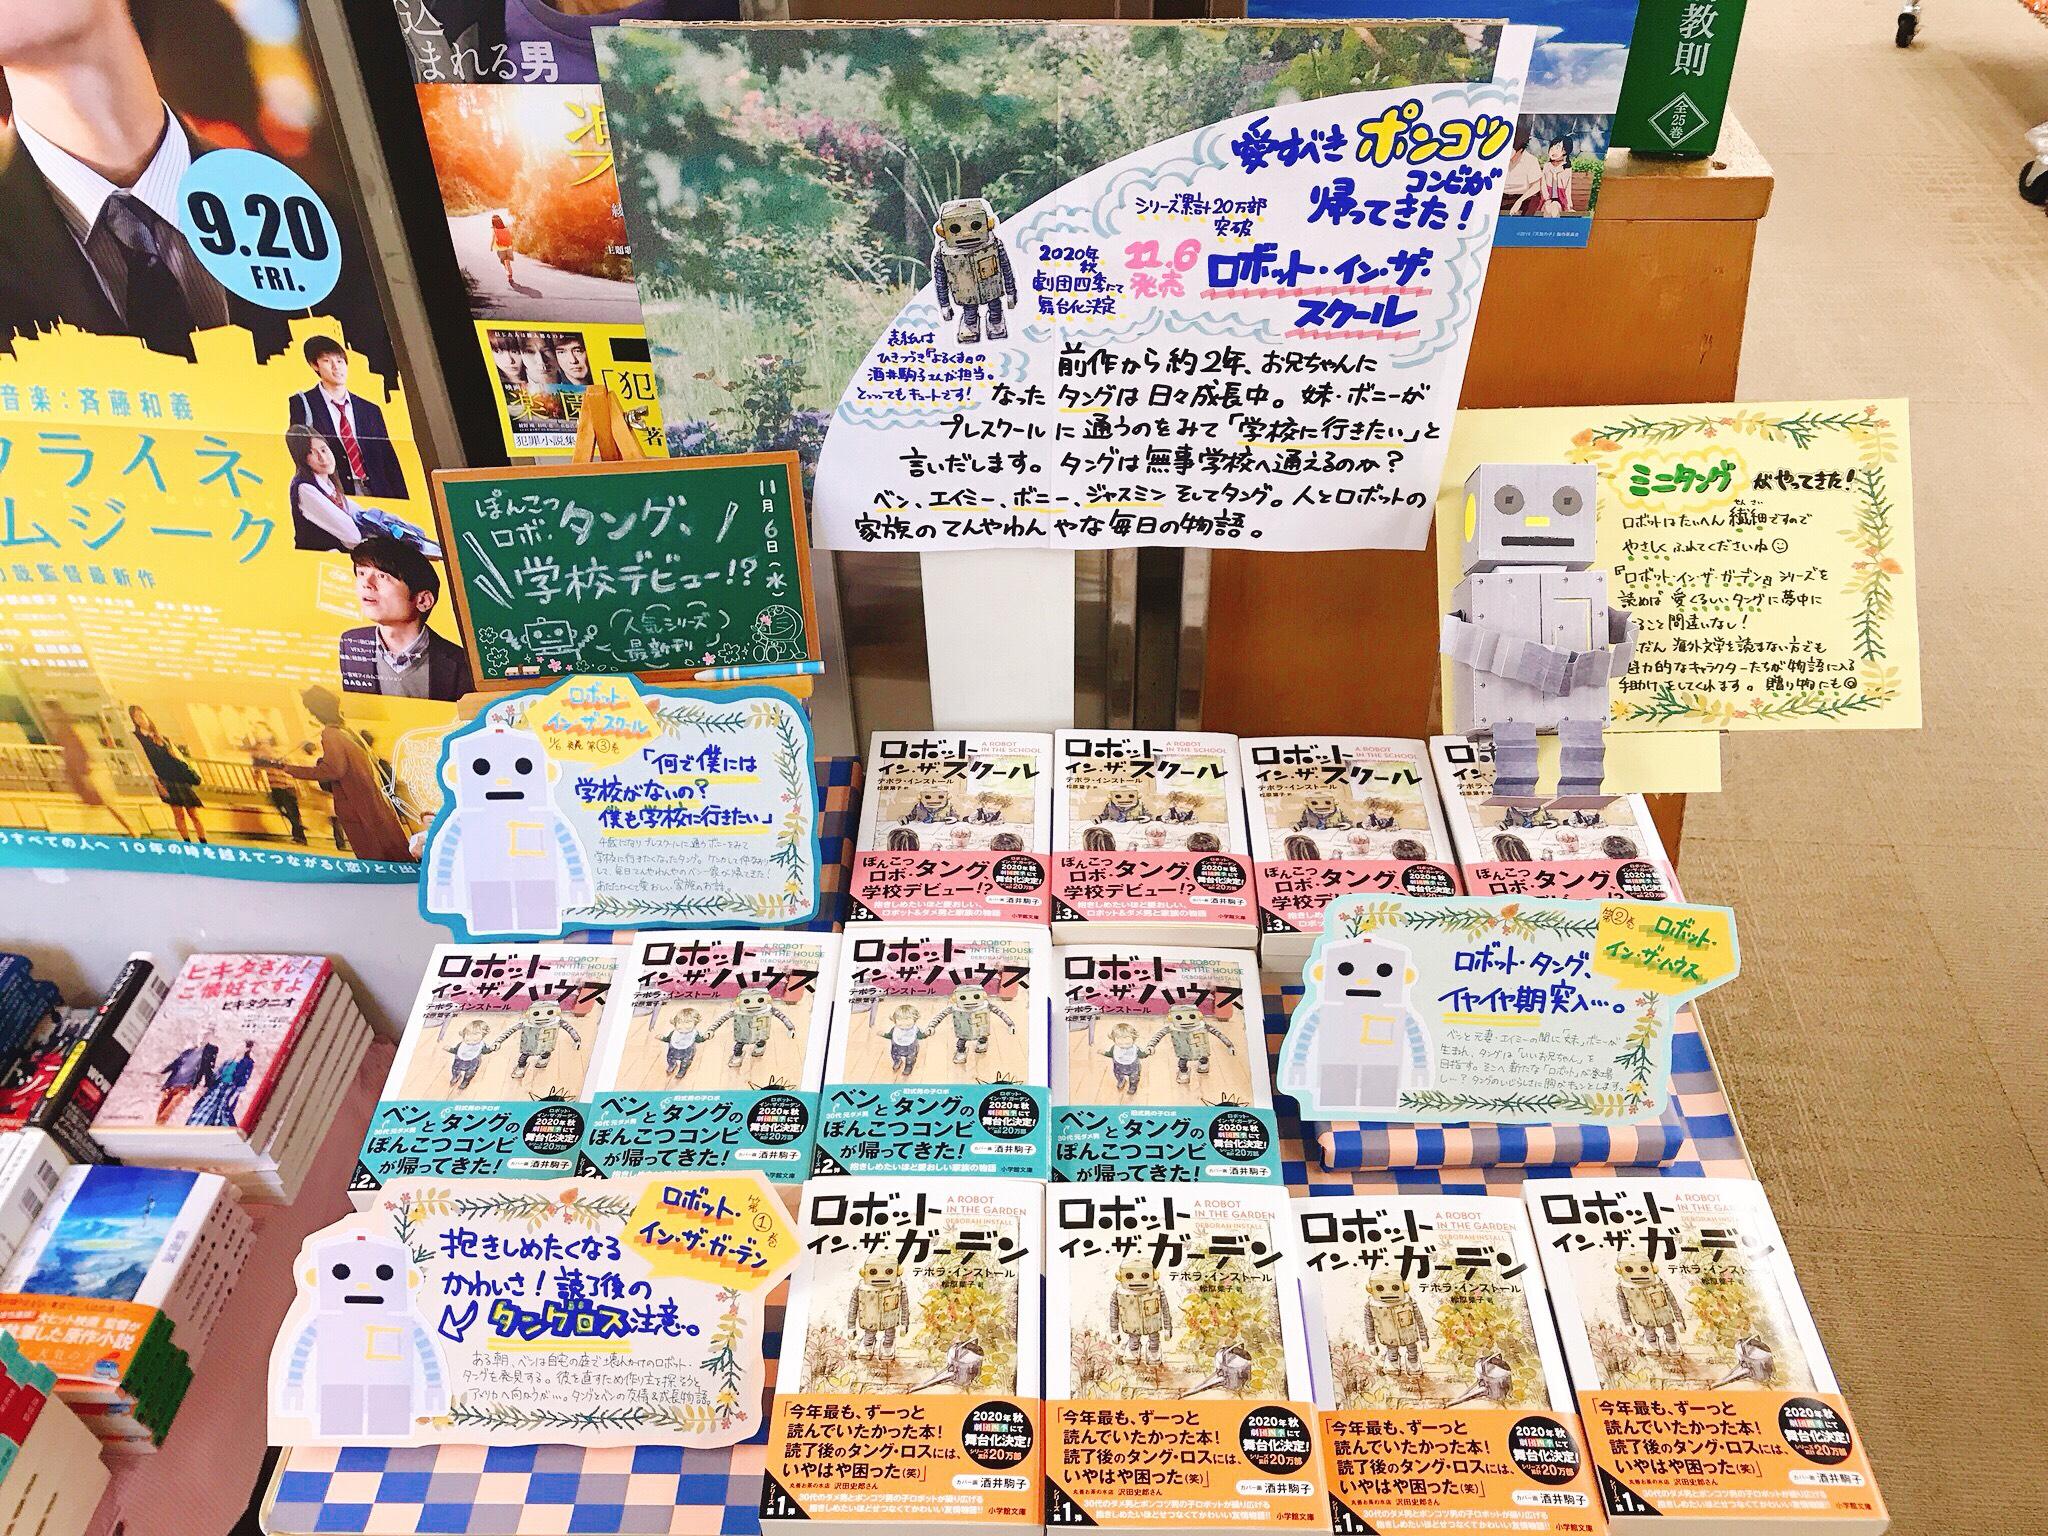 Book display in Shobunkan Bookstore